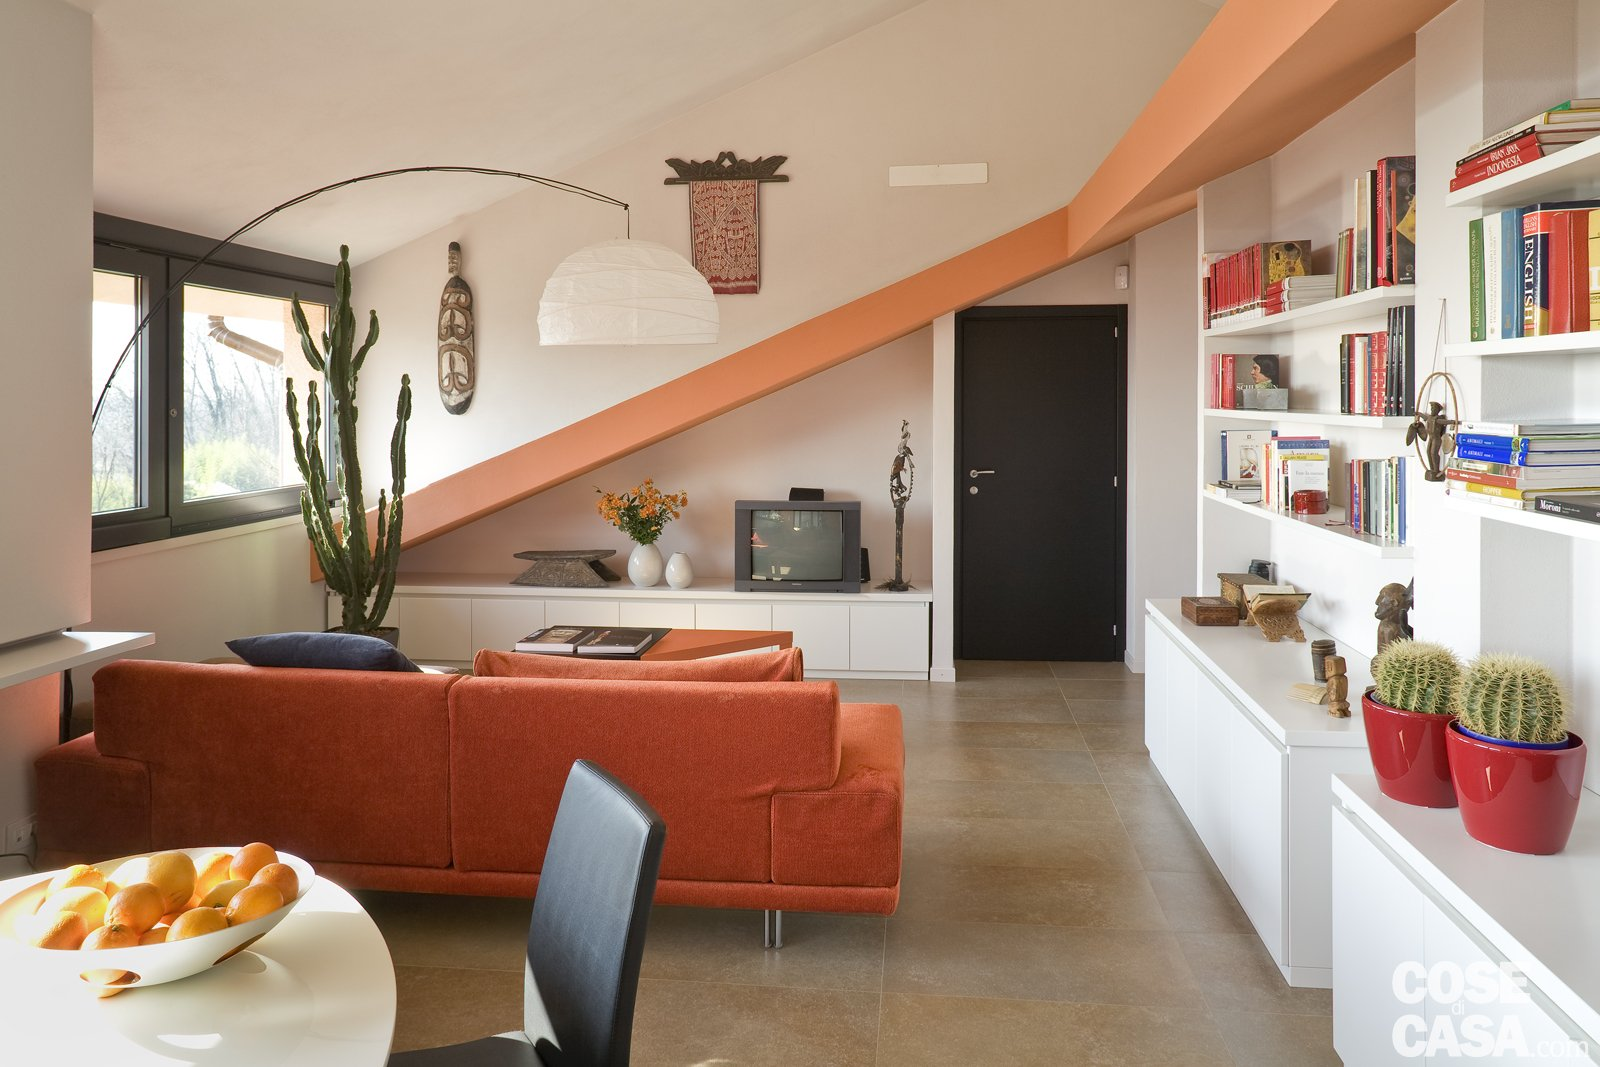 Casa in mansarda con le soluzioni giuste per gli spazi for Idee x arredare